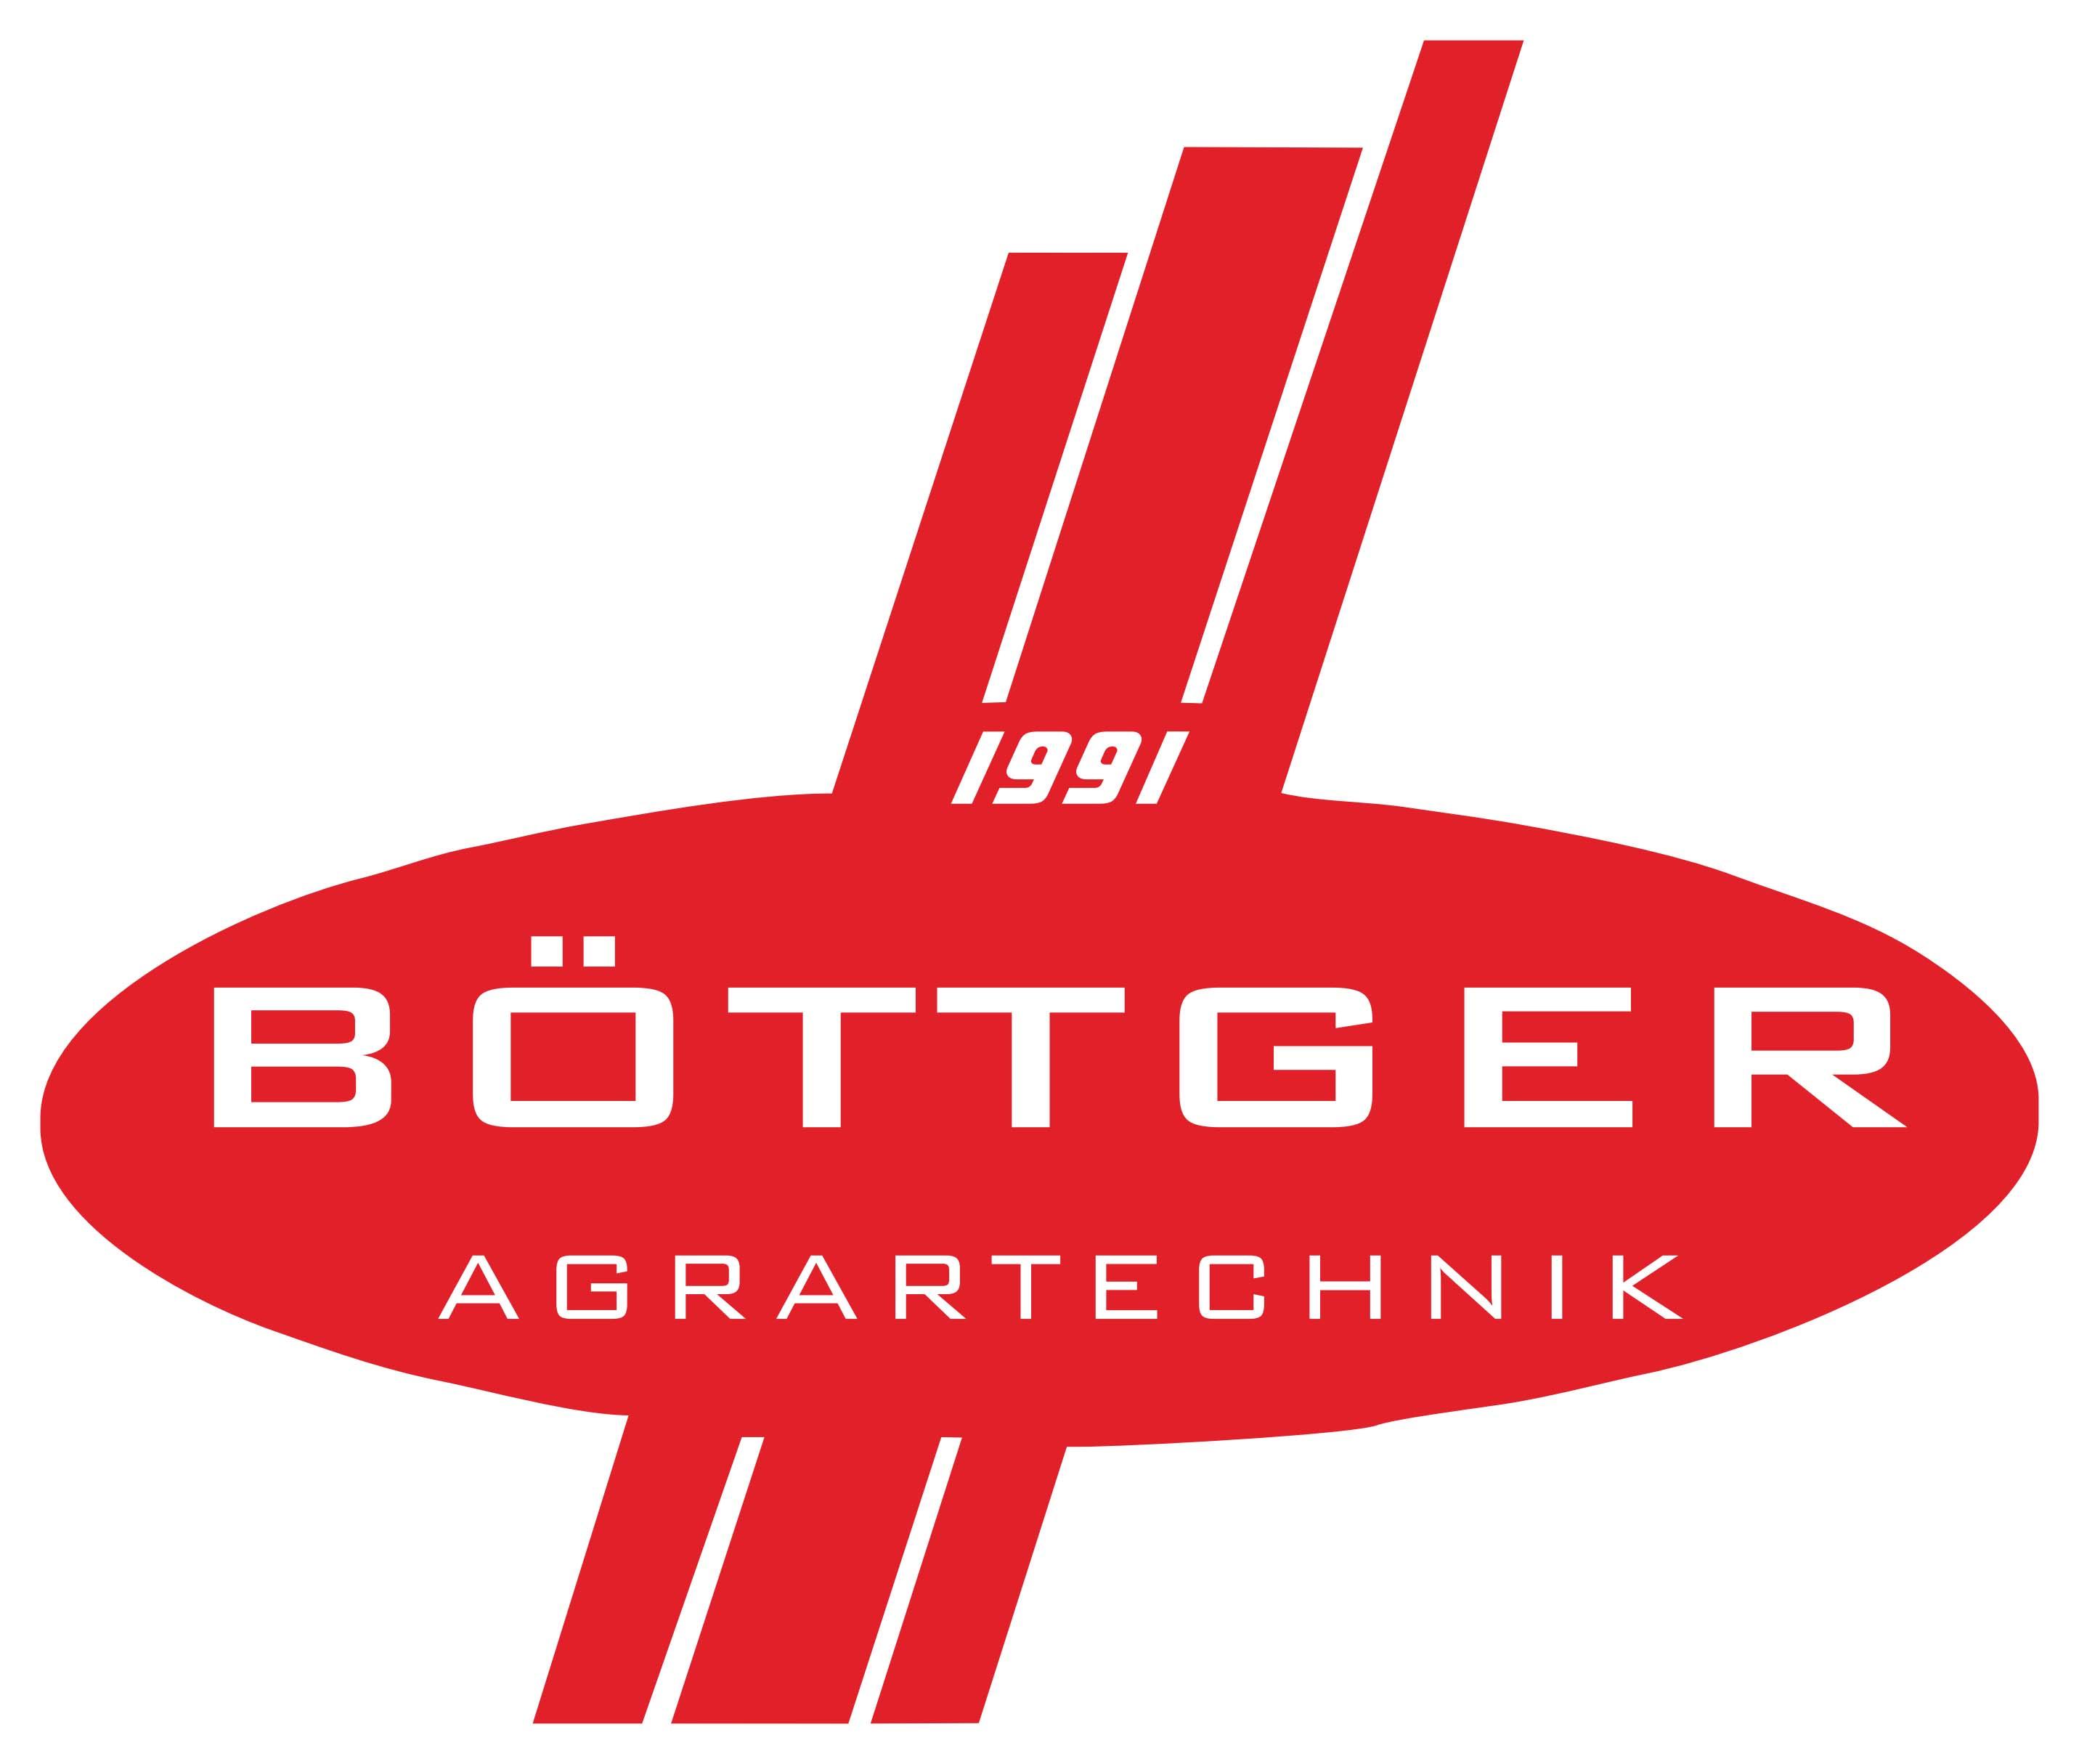 Boettger-Agrartechnik - ein Referenkunde der Firma Braune